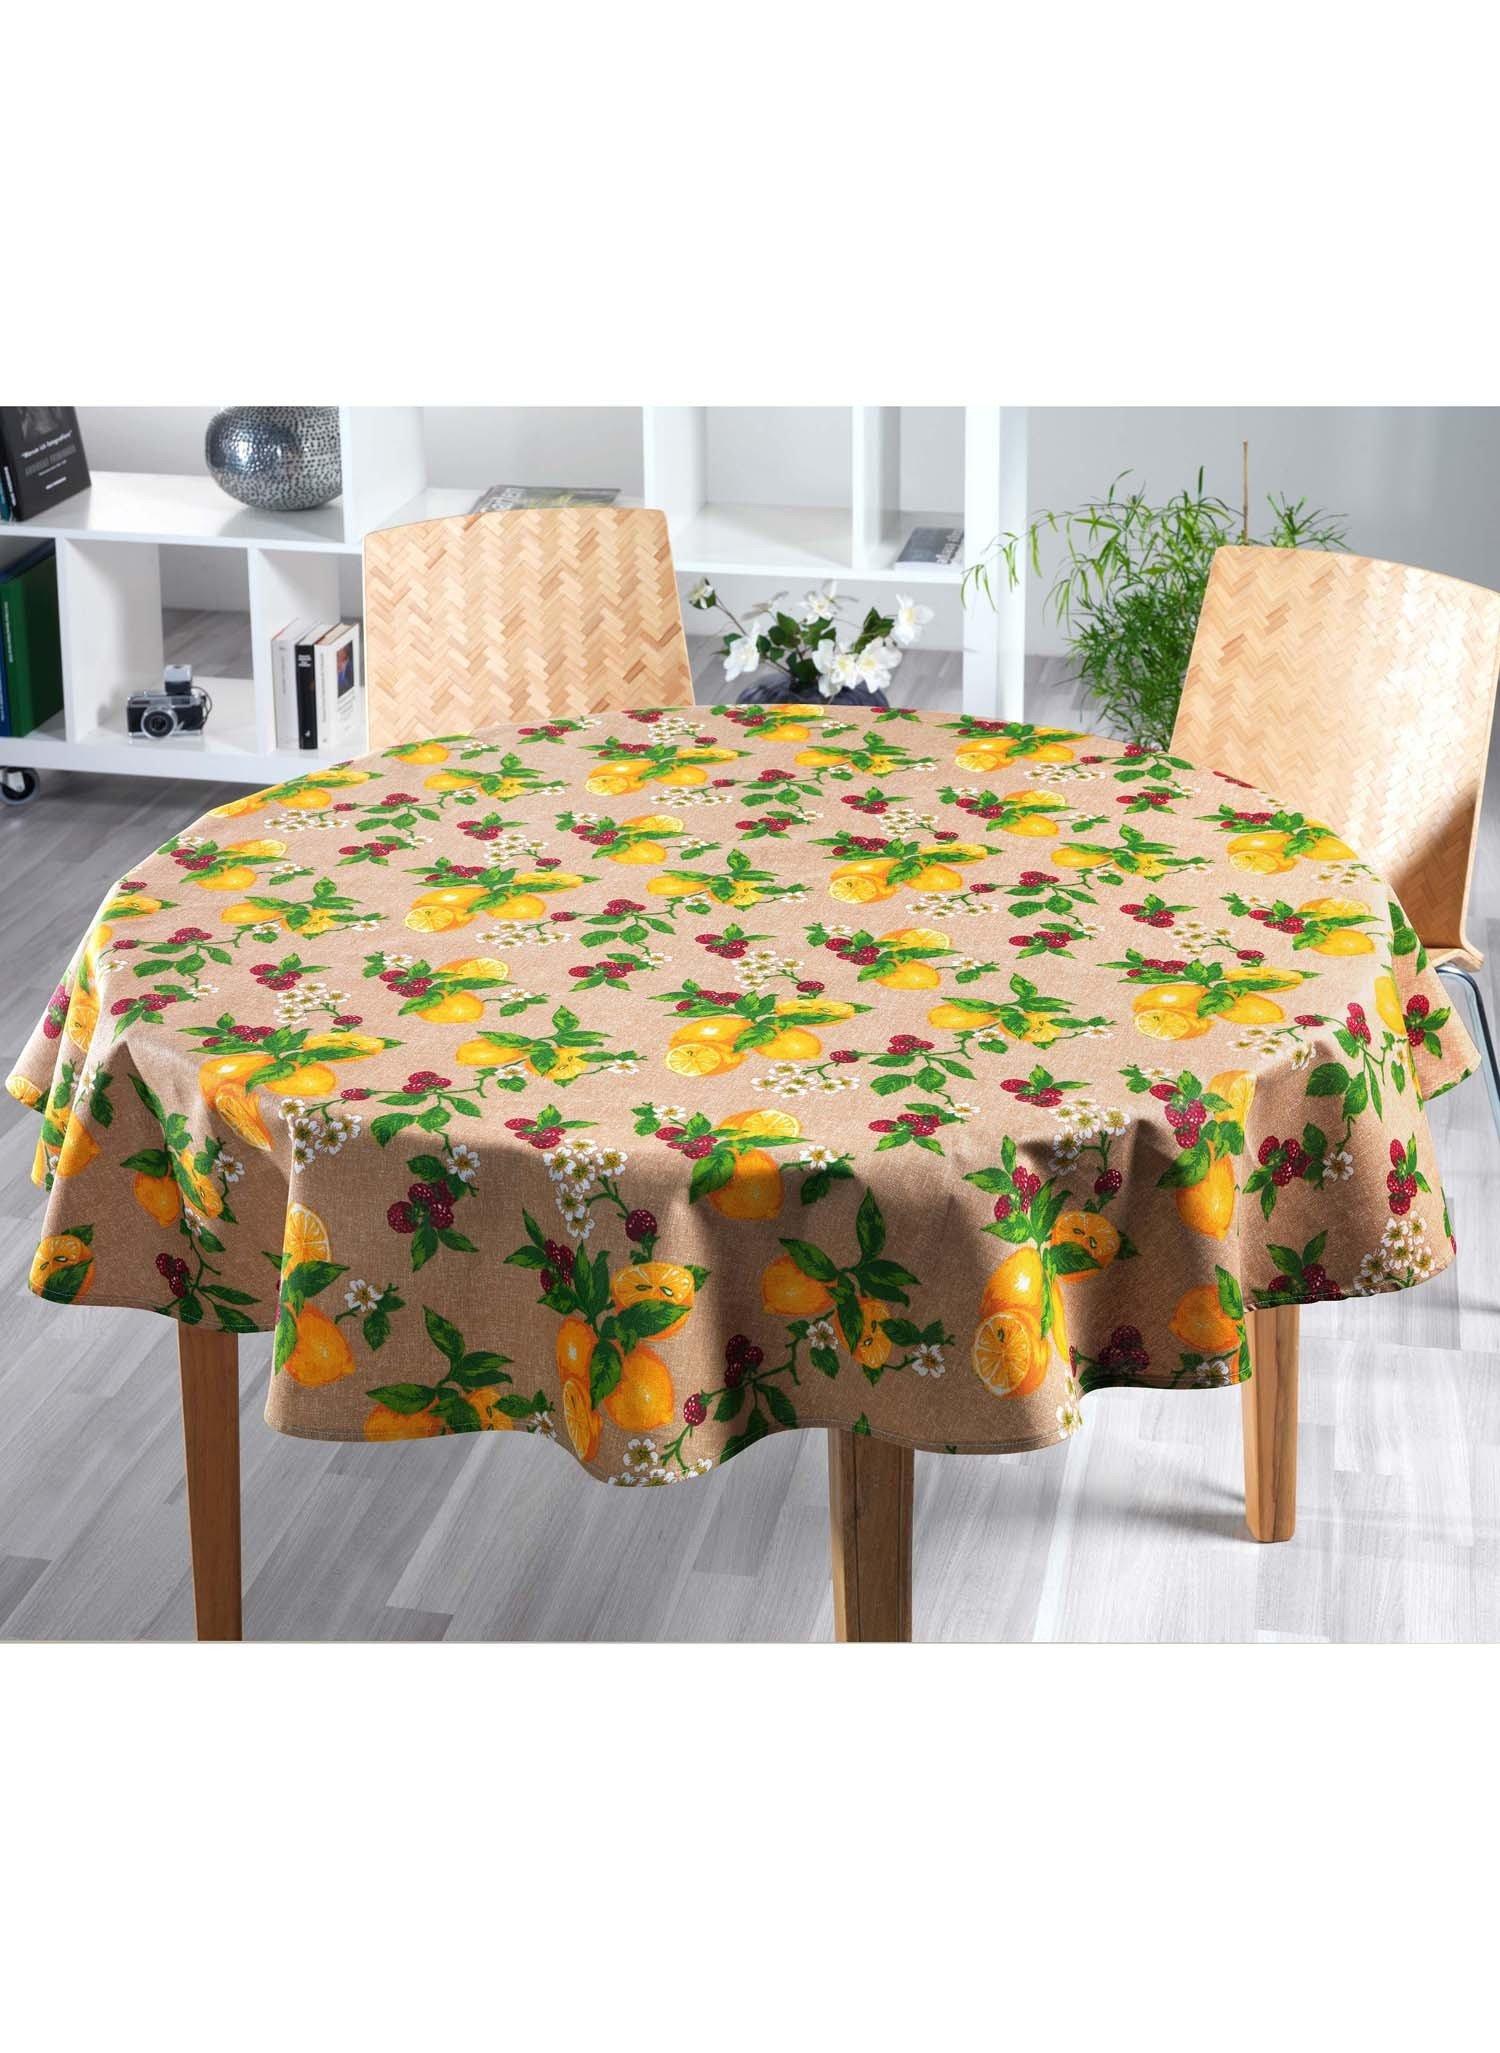 Tischd.Zitrone/beige 140x180cm